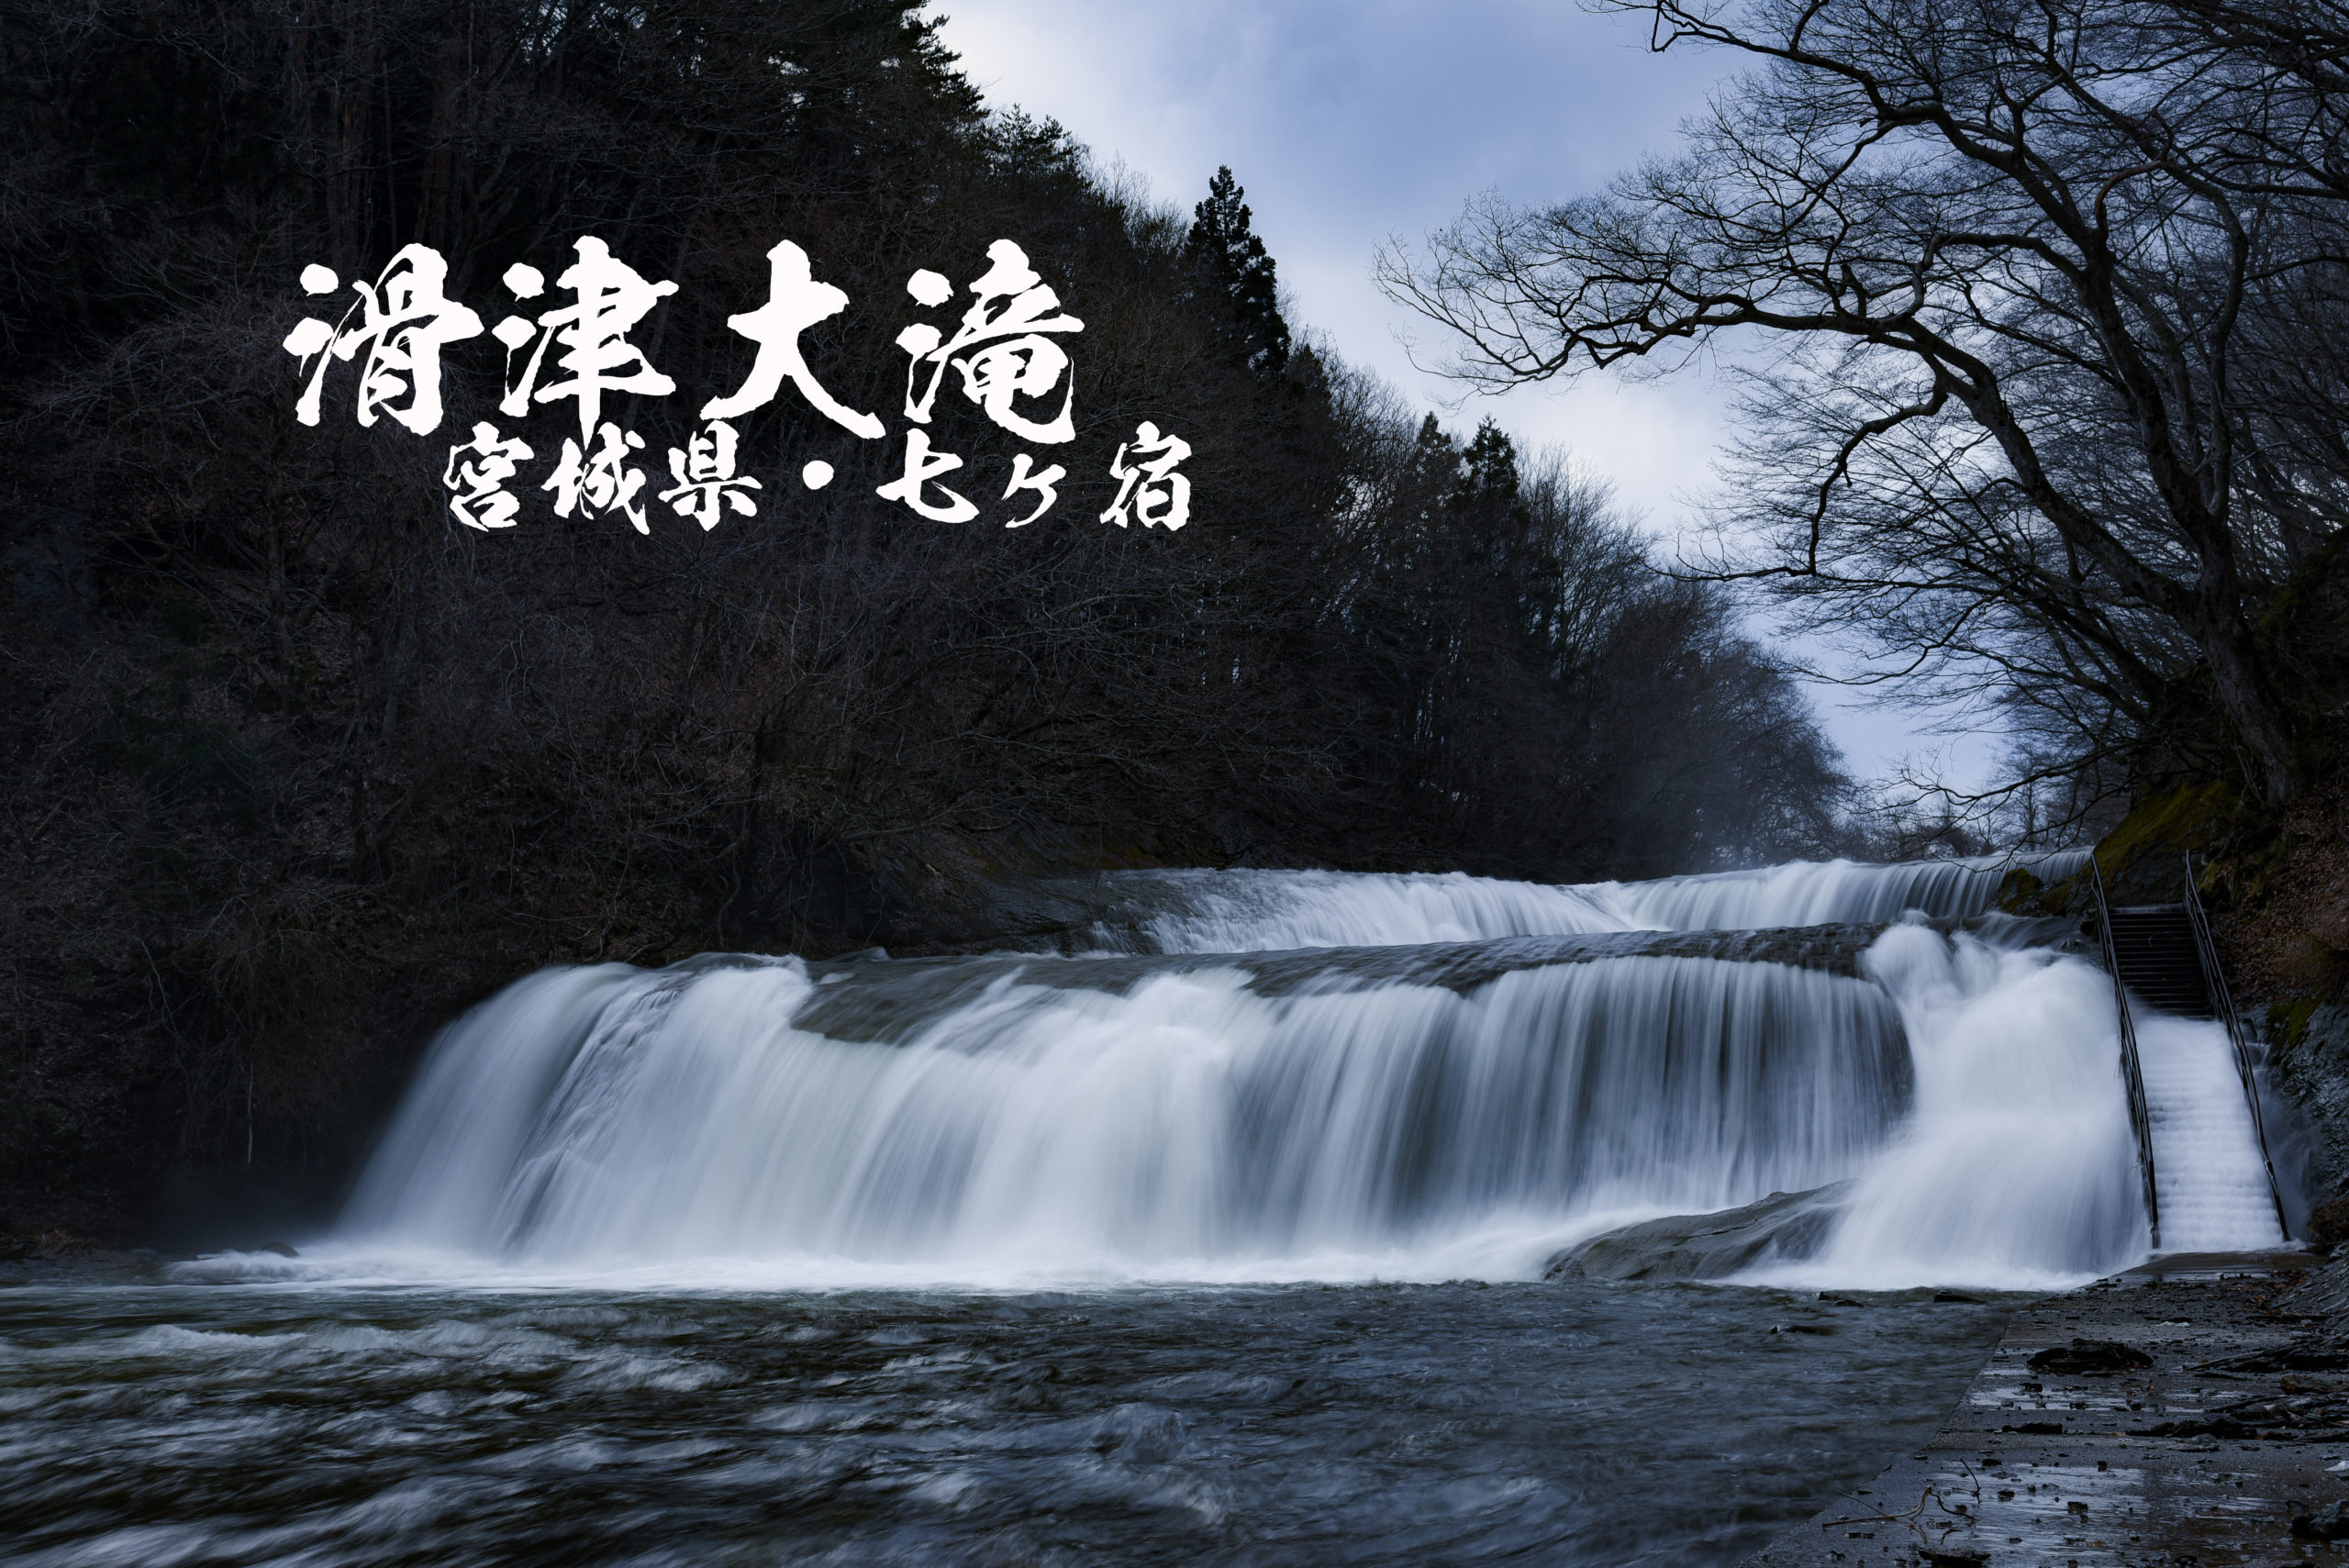 滑津大滝・滑津小滝 ~宮城県・七ヶ宿町~